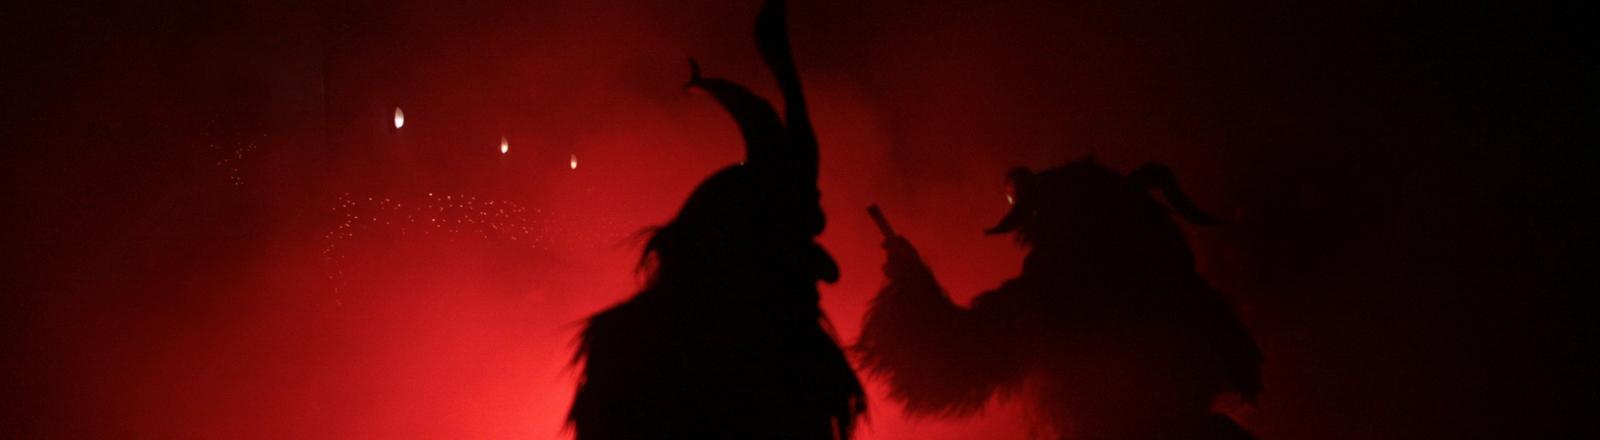 Schatten von Menschen, die sich als Teufel verkleidet haben.